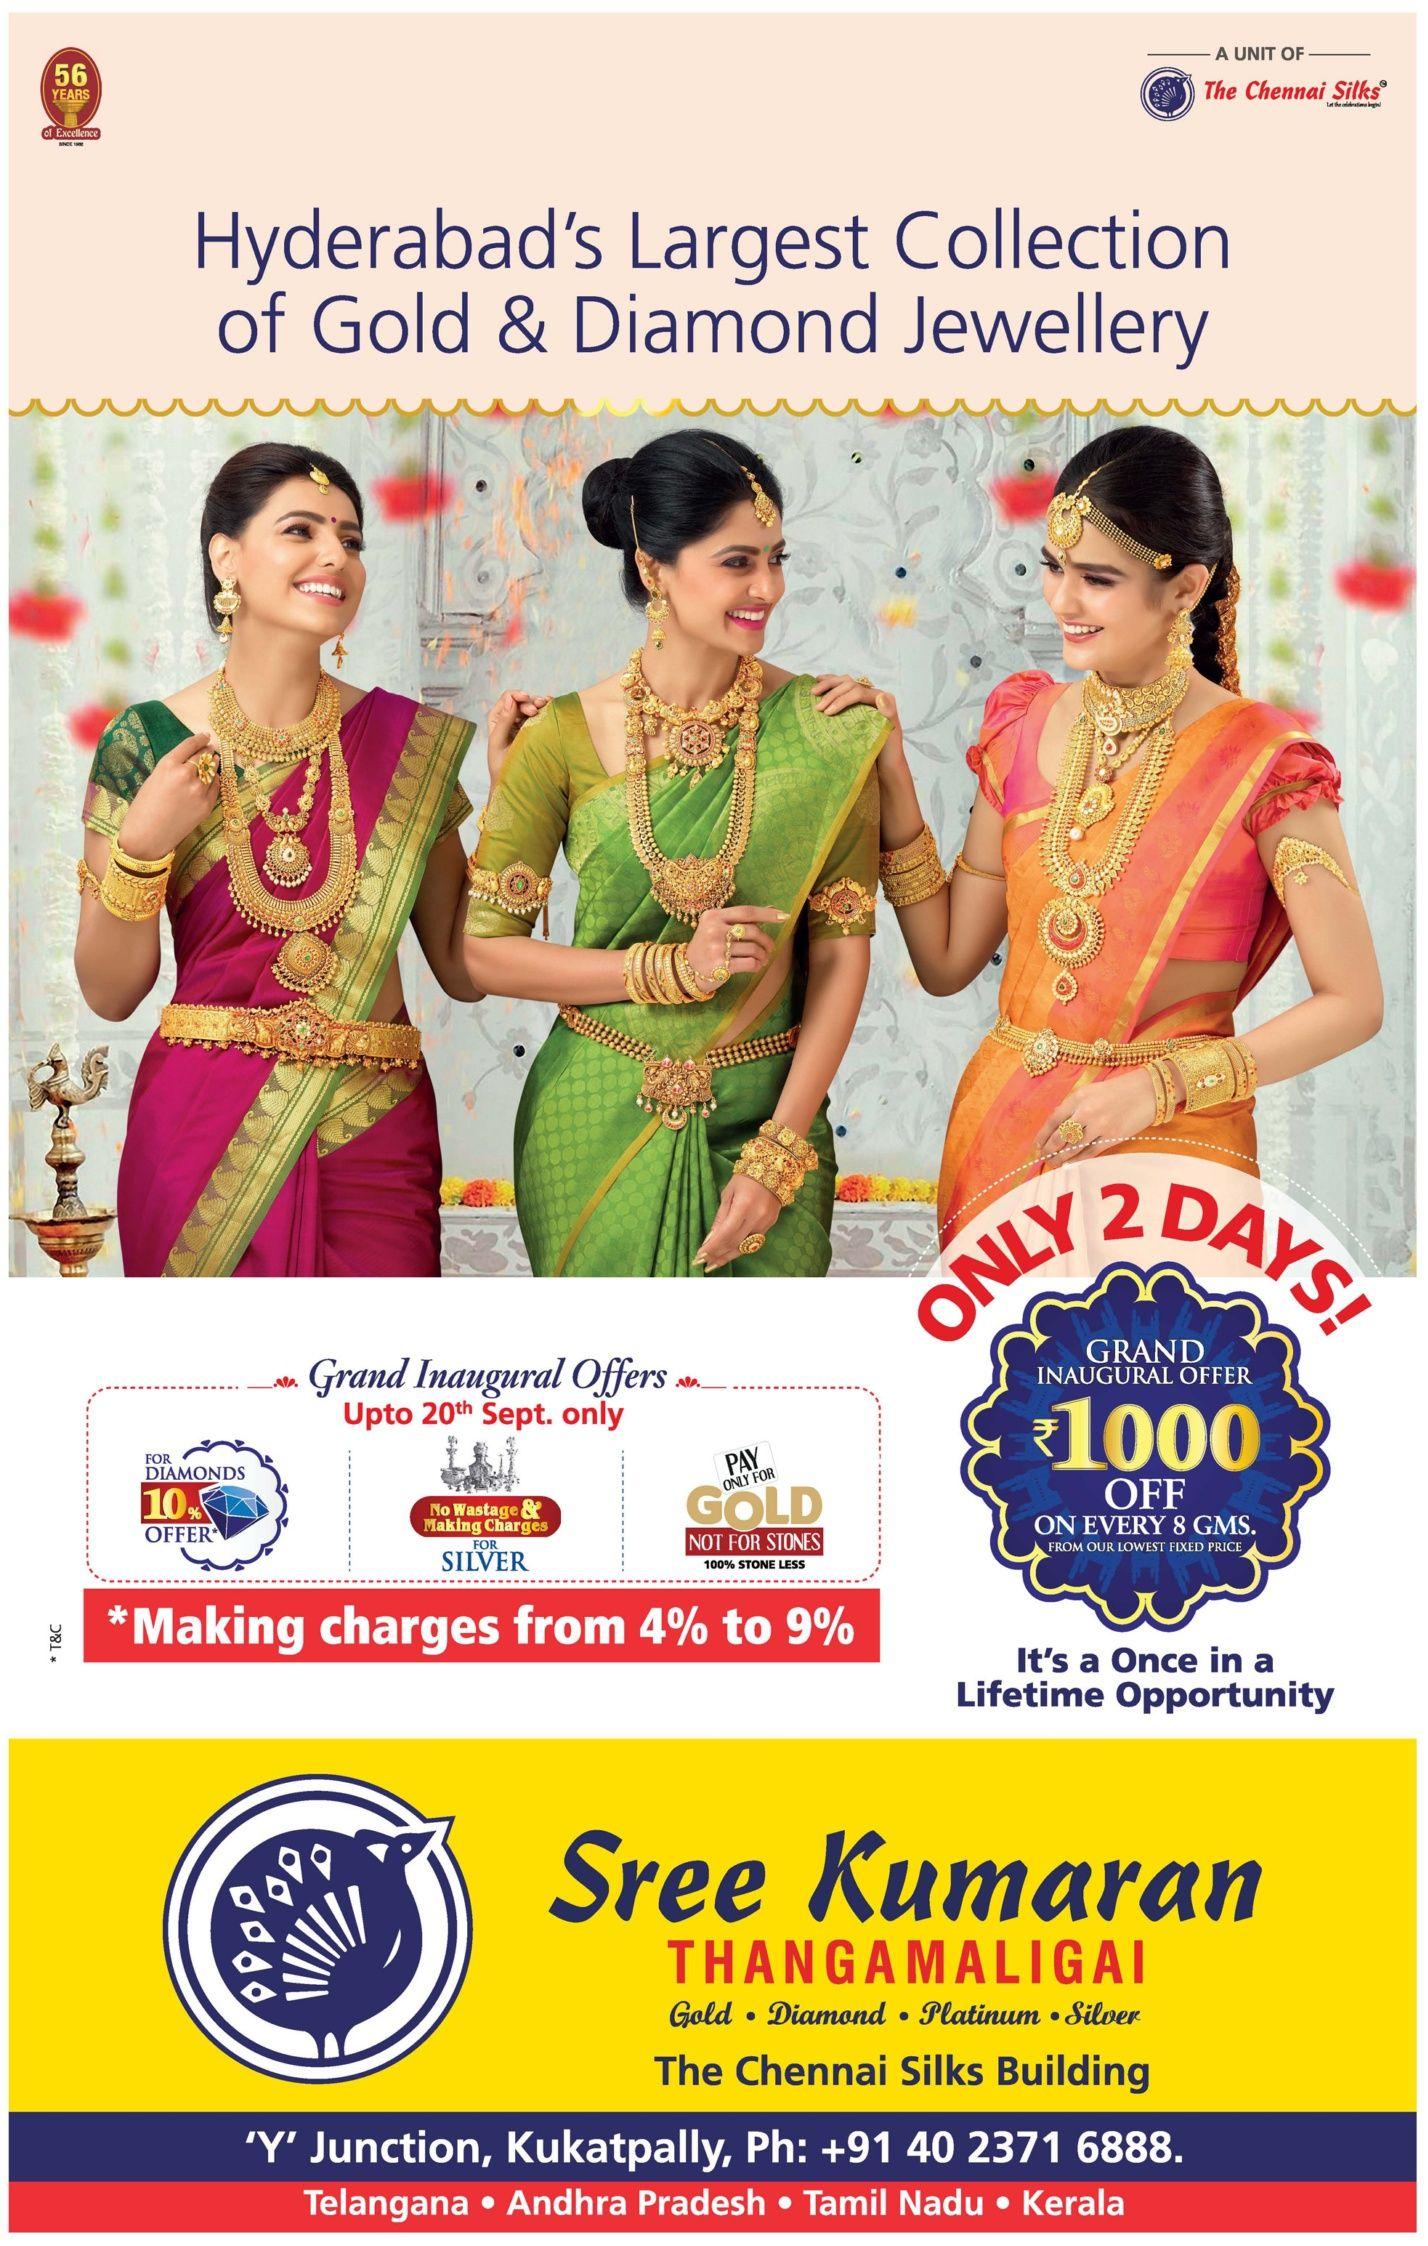 Sree Kumaran Thangamaligai Hyderabads Largest Collection